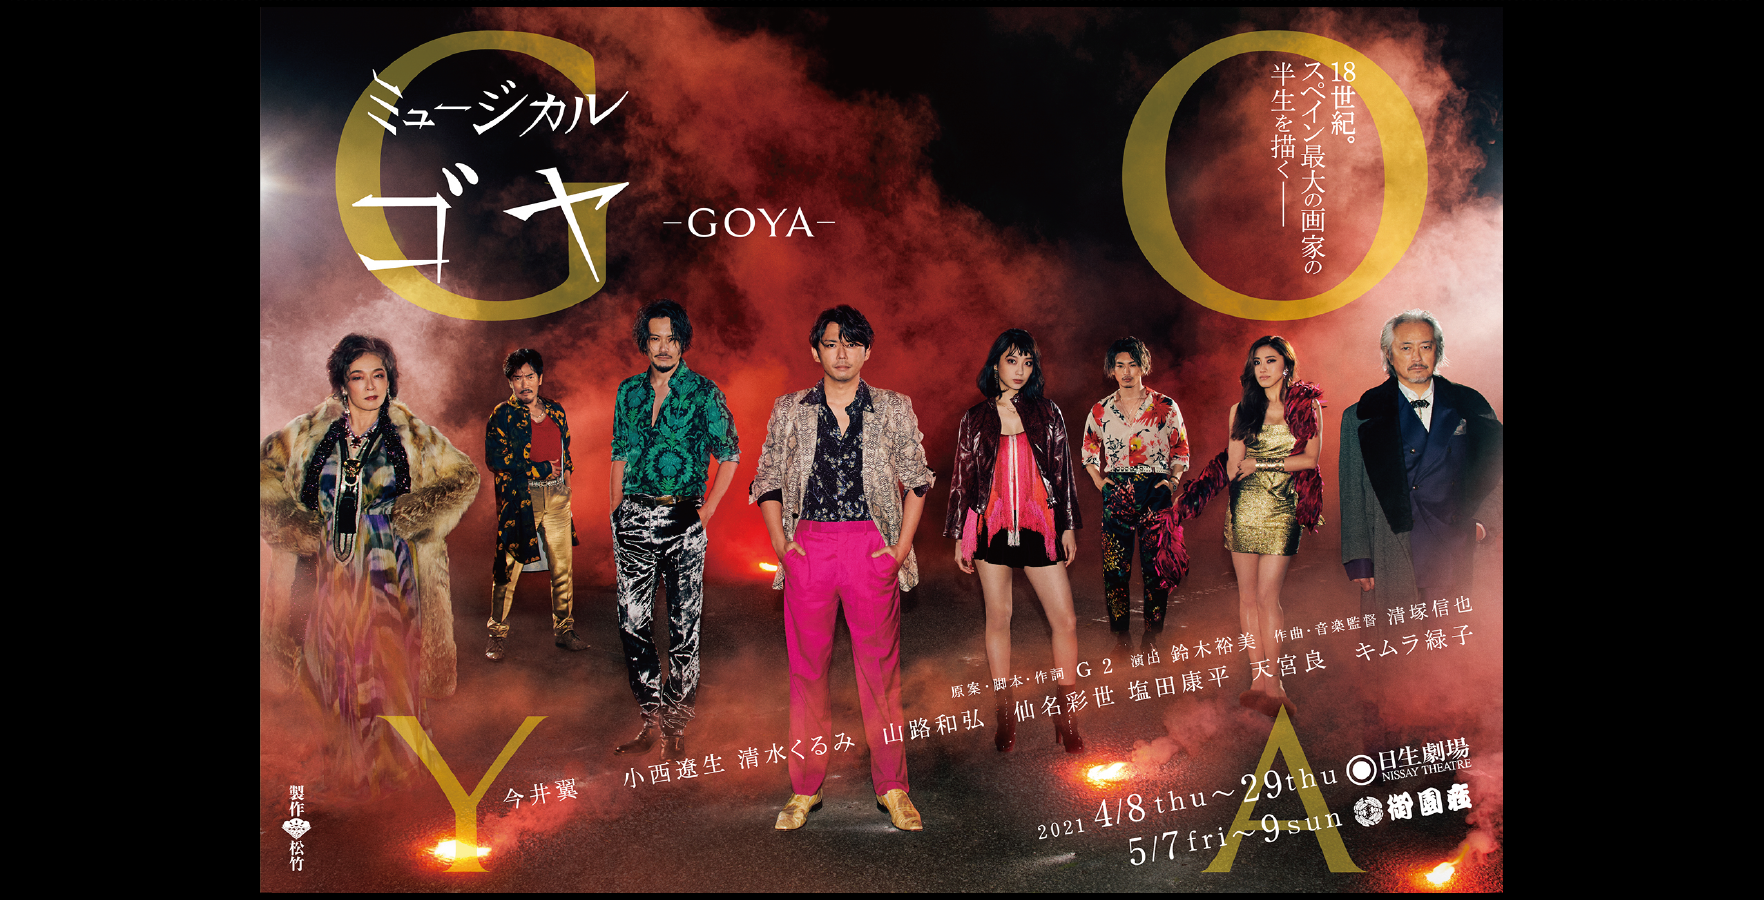 ミュージカル『ゴヤ - GOYA-』